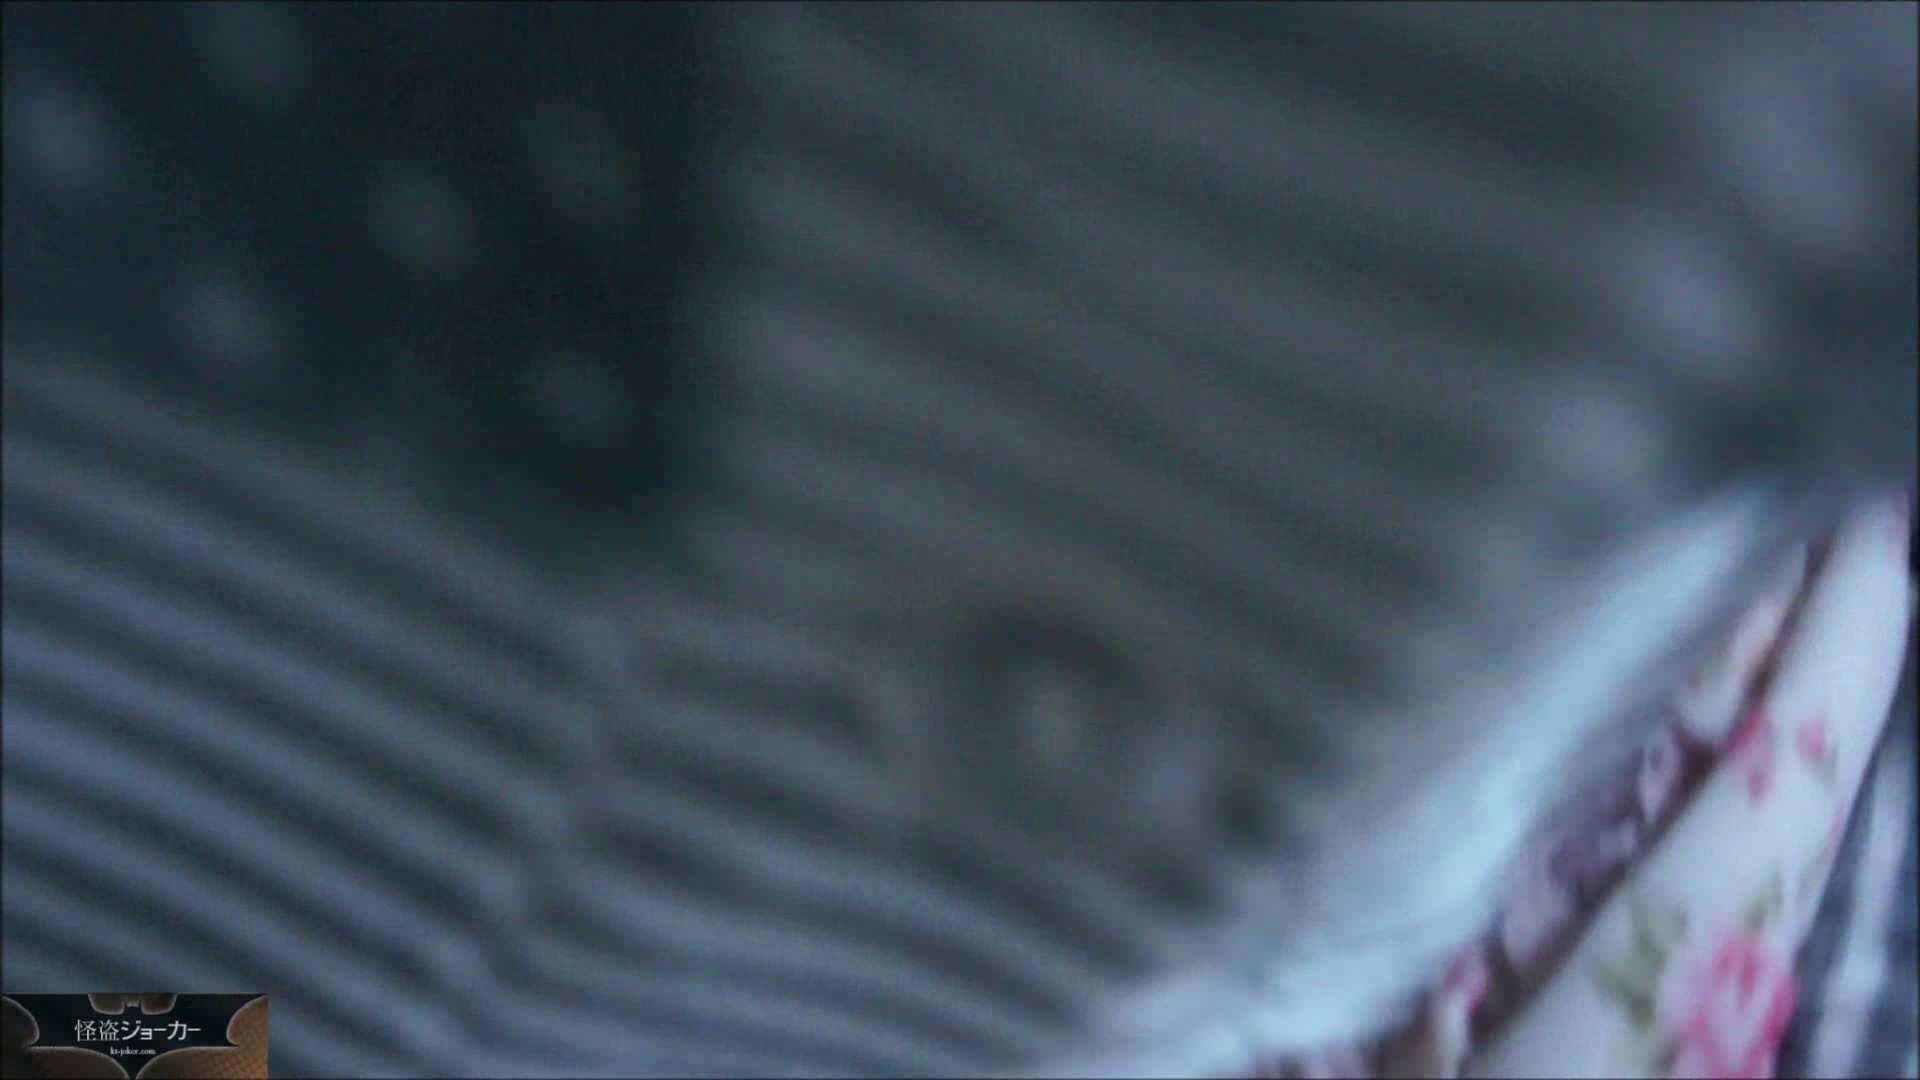 【未公開】vol.5 ユリナ×ヒトミ女市女末を・・・② ギャルズ おめこ無修正画像 72画像 58